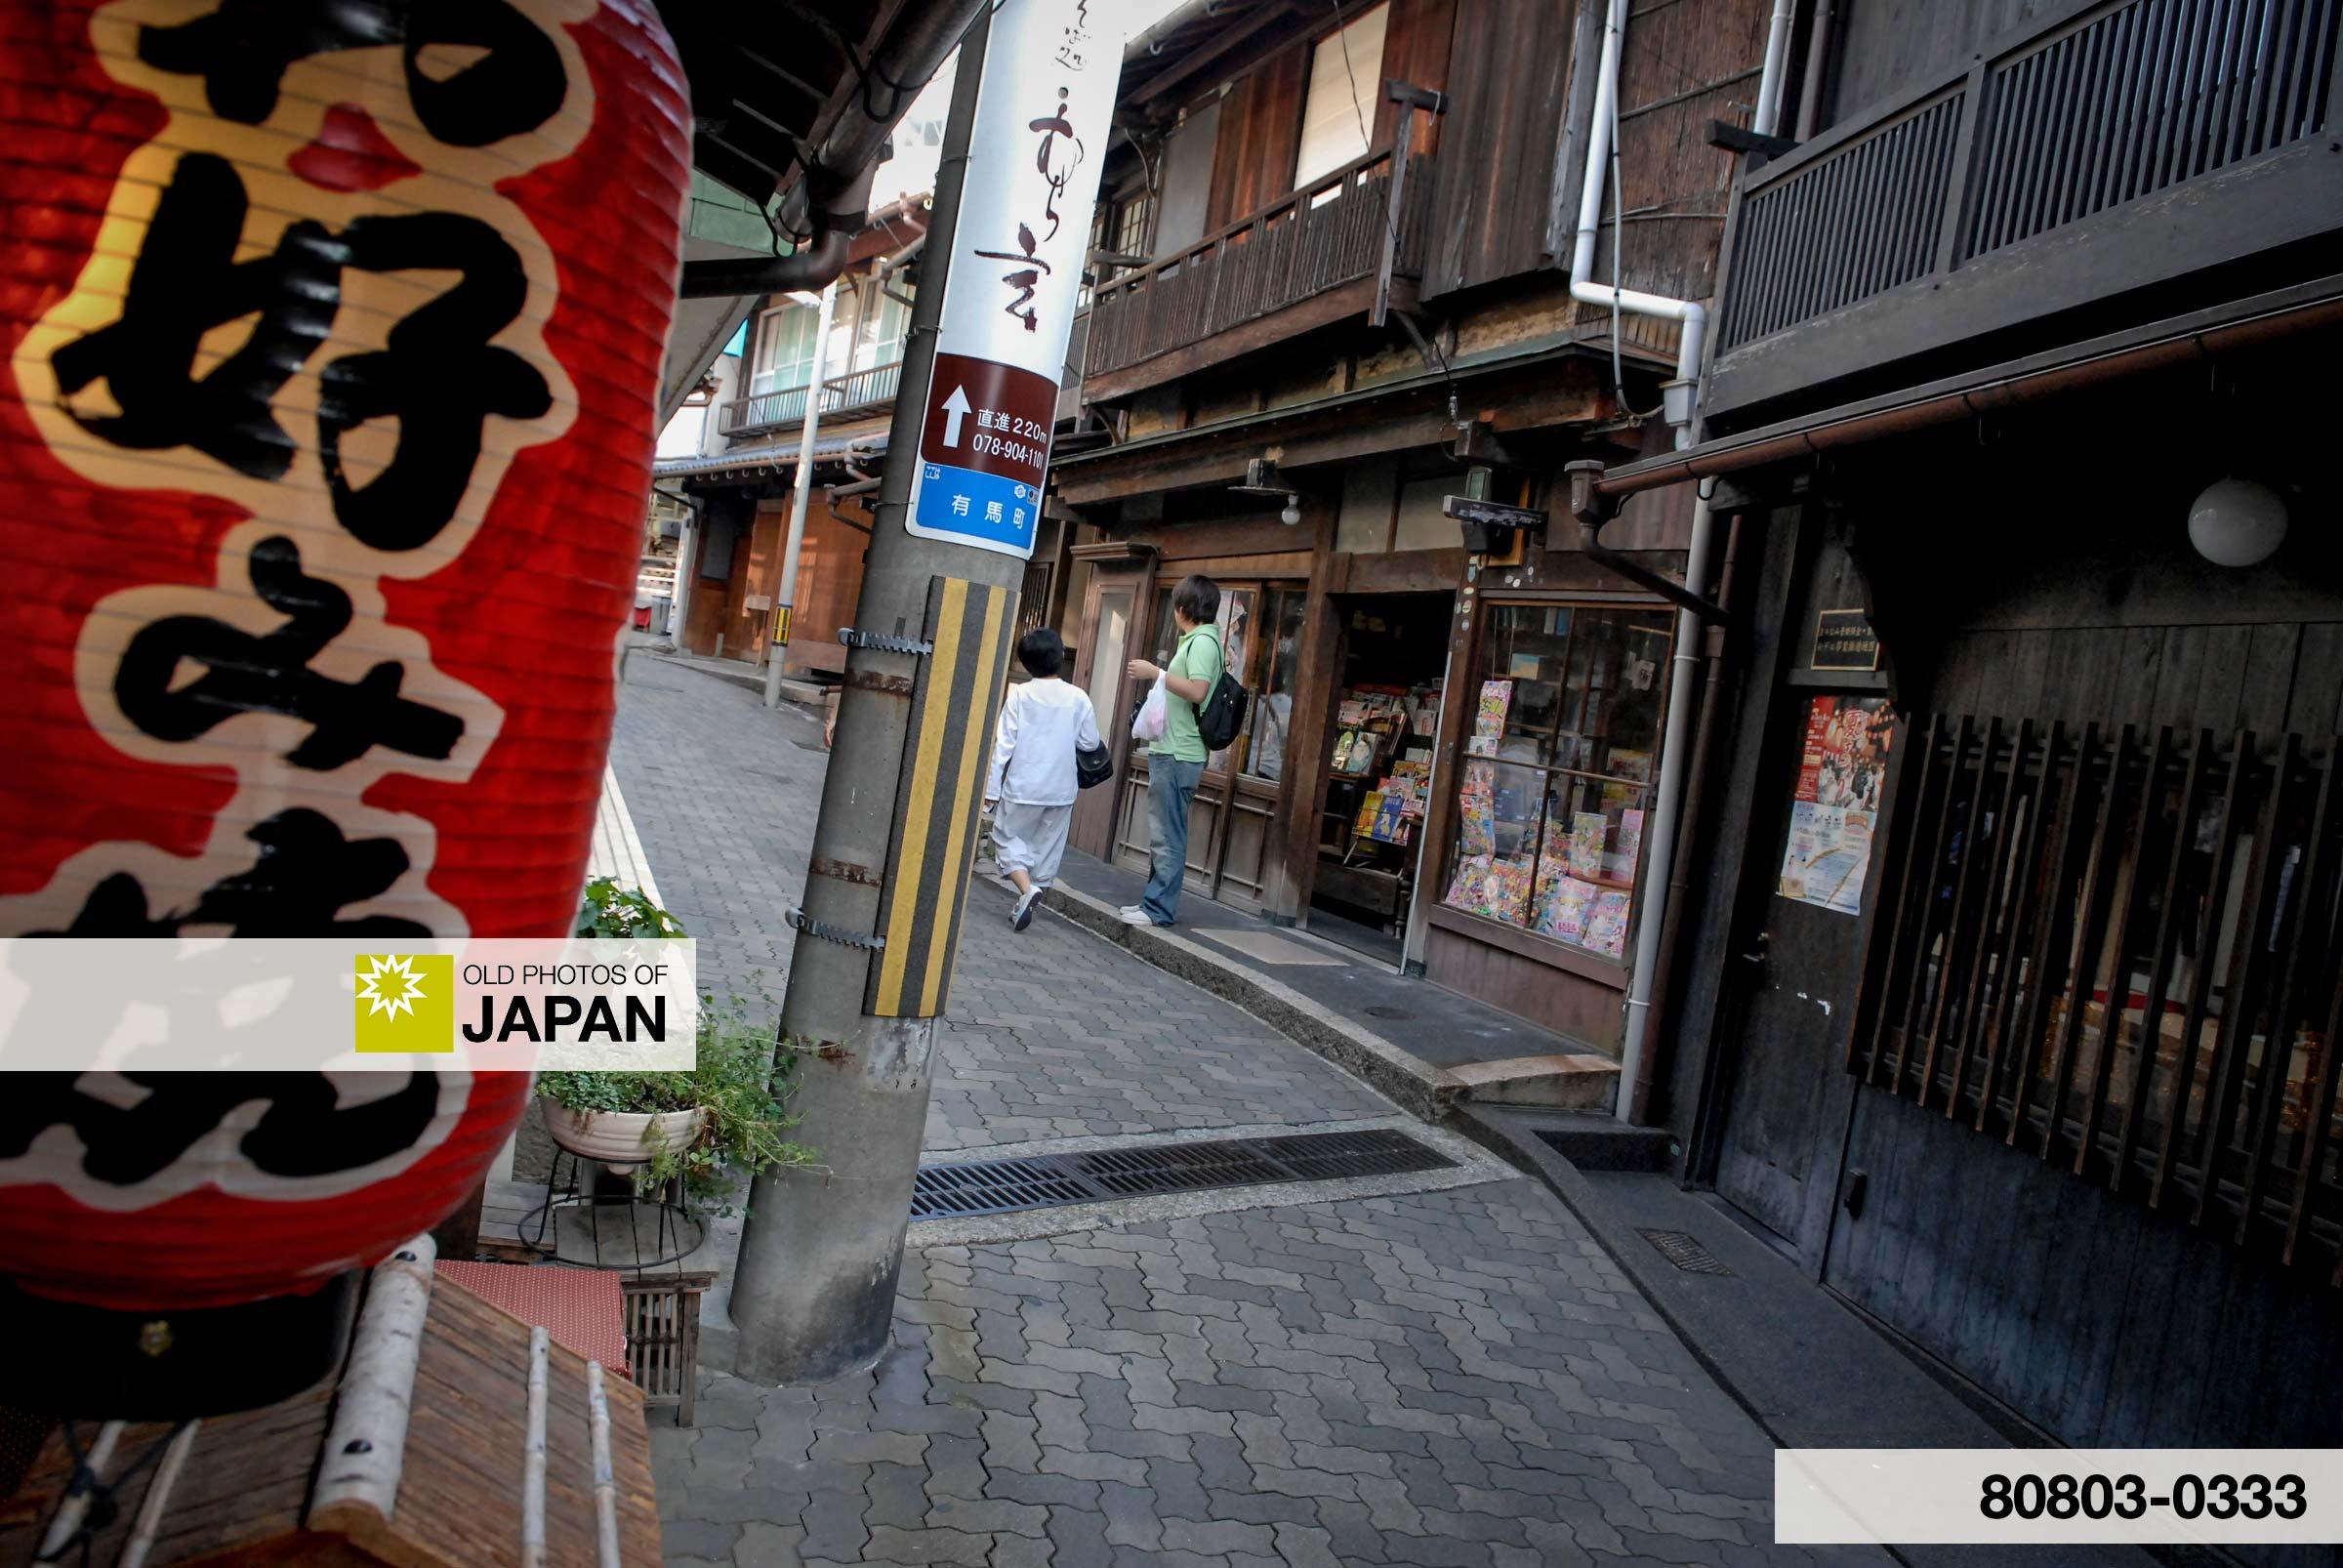 A street in Arima